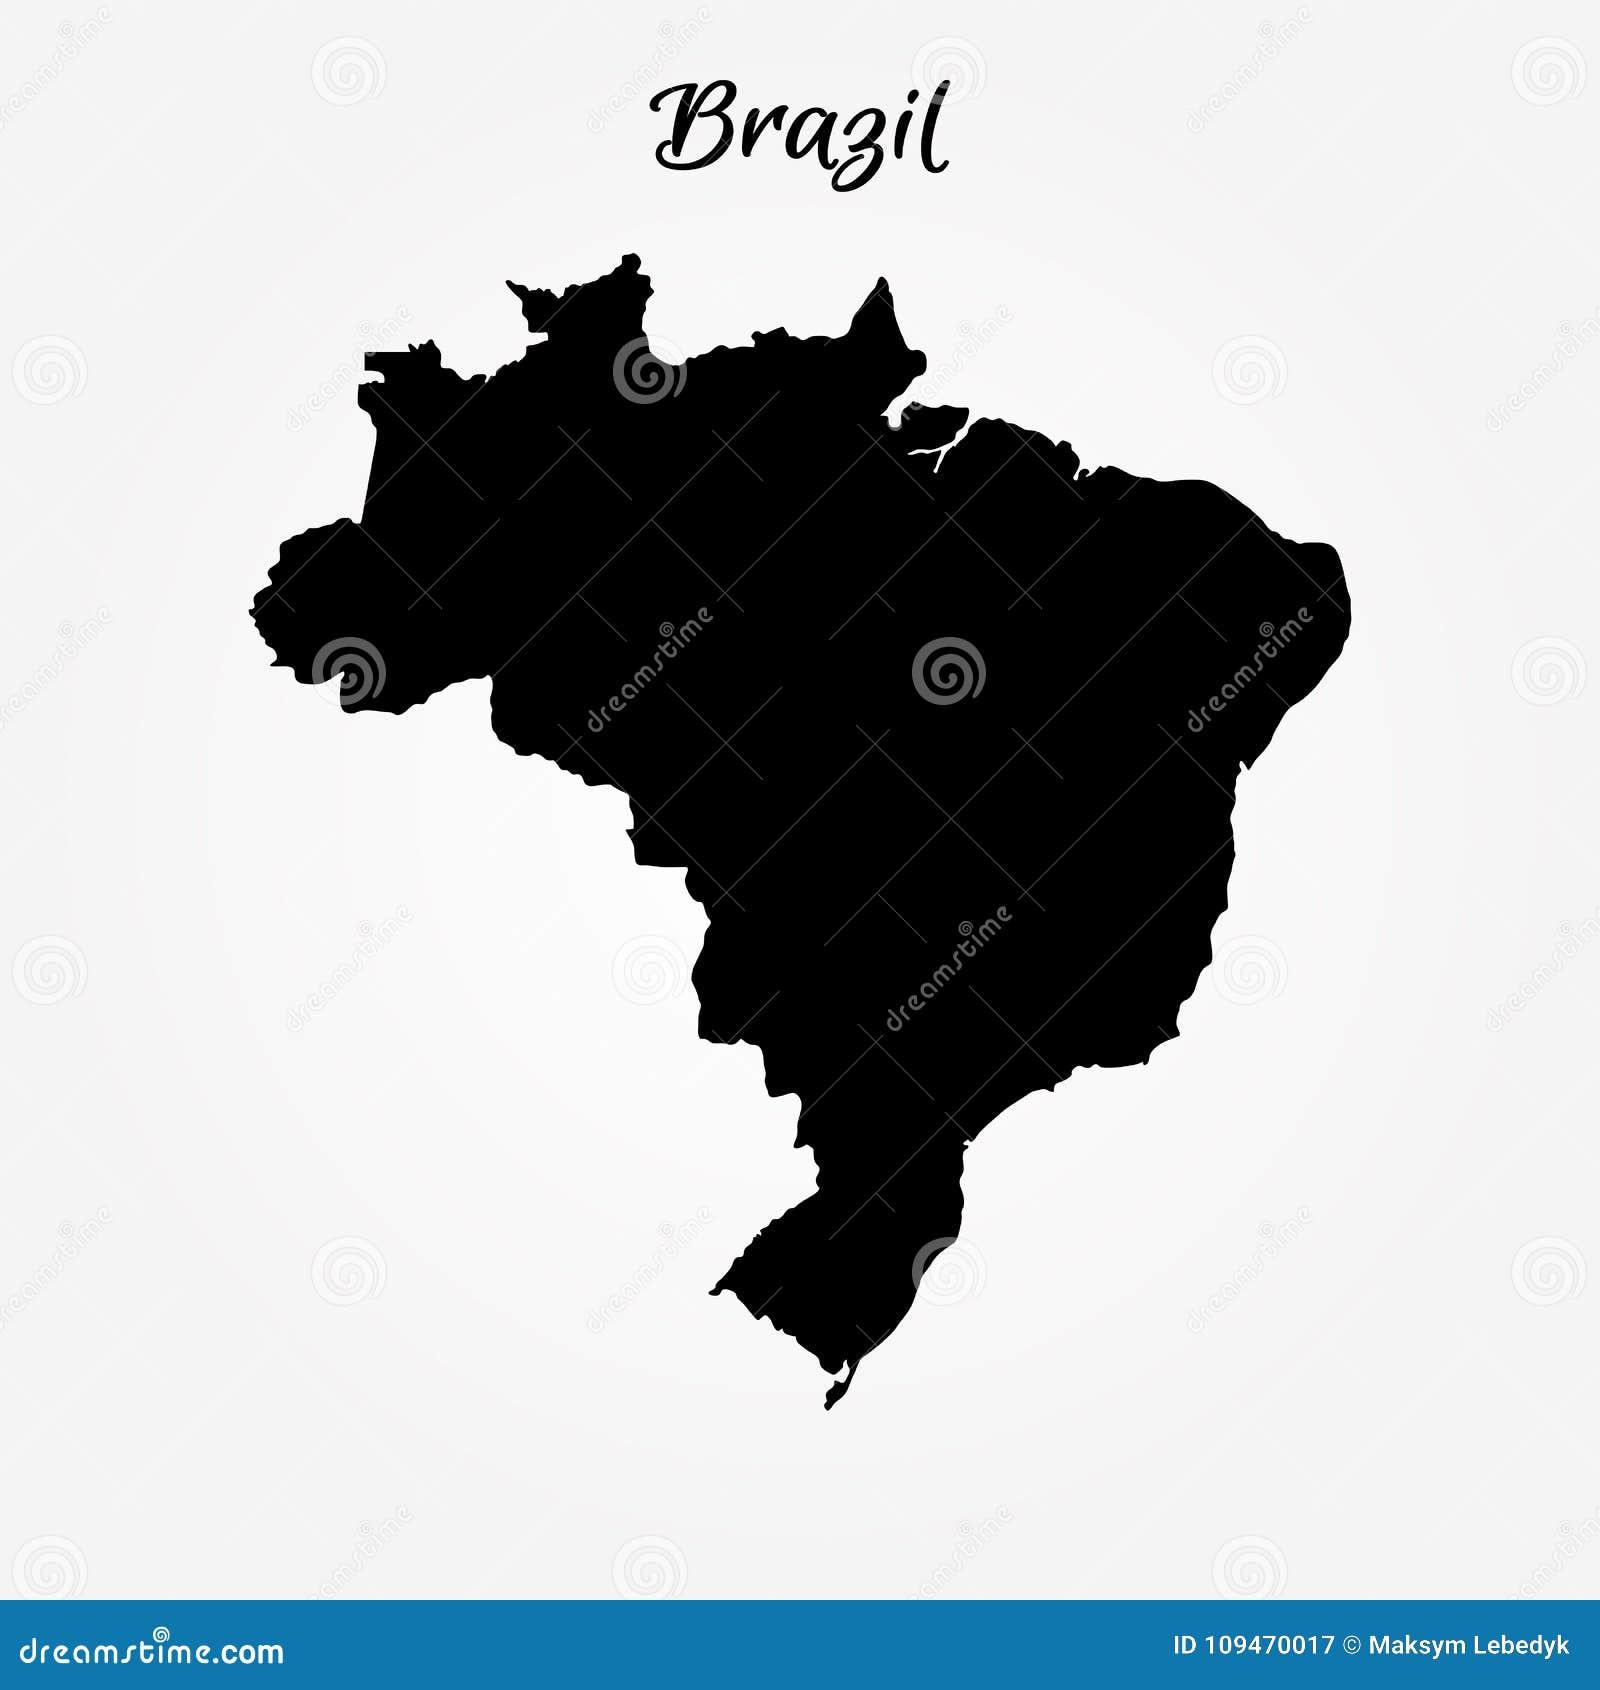 Brasilien Karte Welt.Karte Von Brasilien Stock Abbildung Illustration Von Kontinent